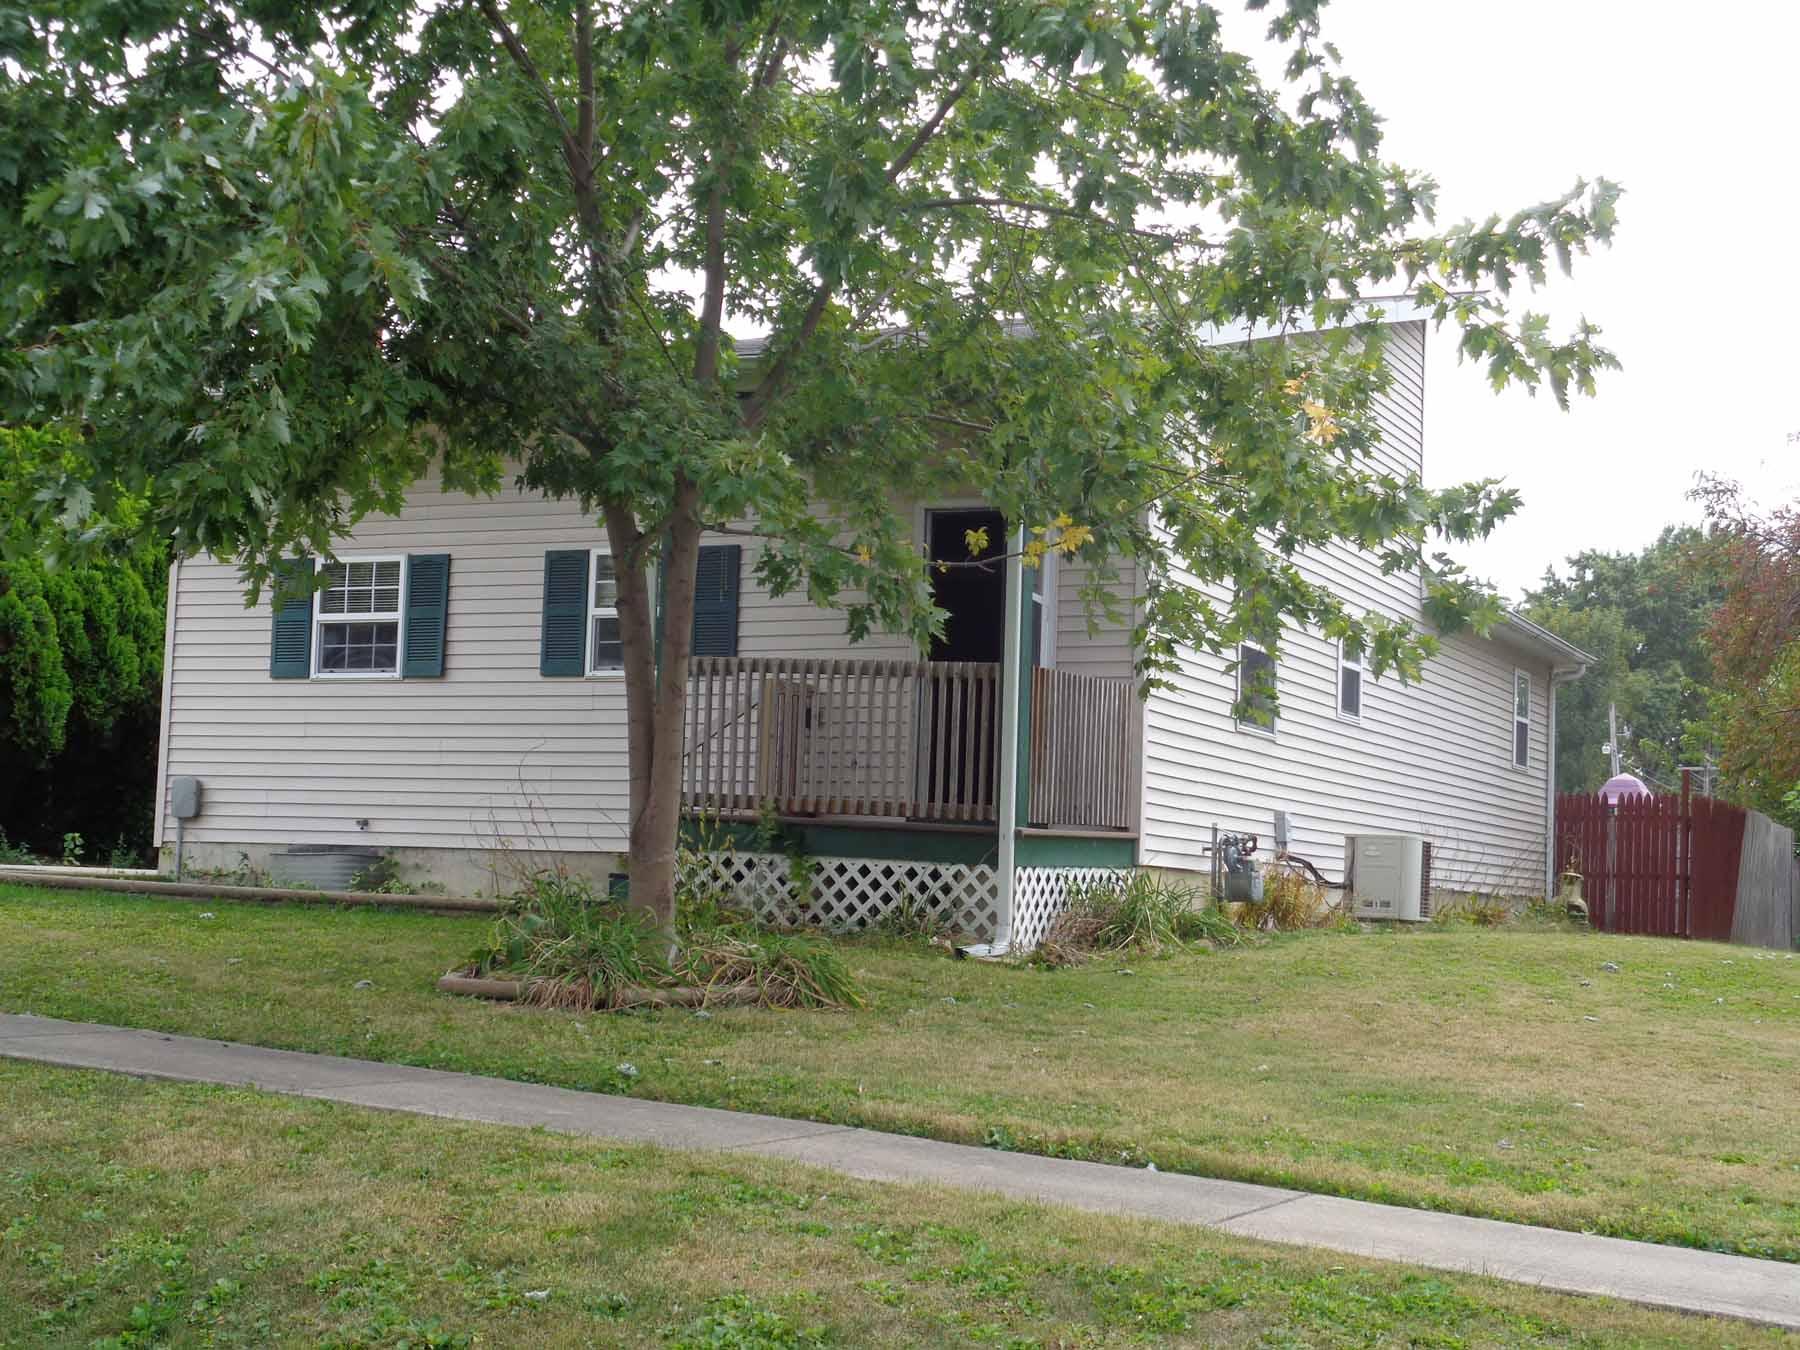 116 West Church St, Mendon, Illinois 62351